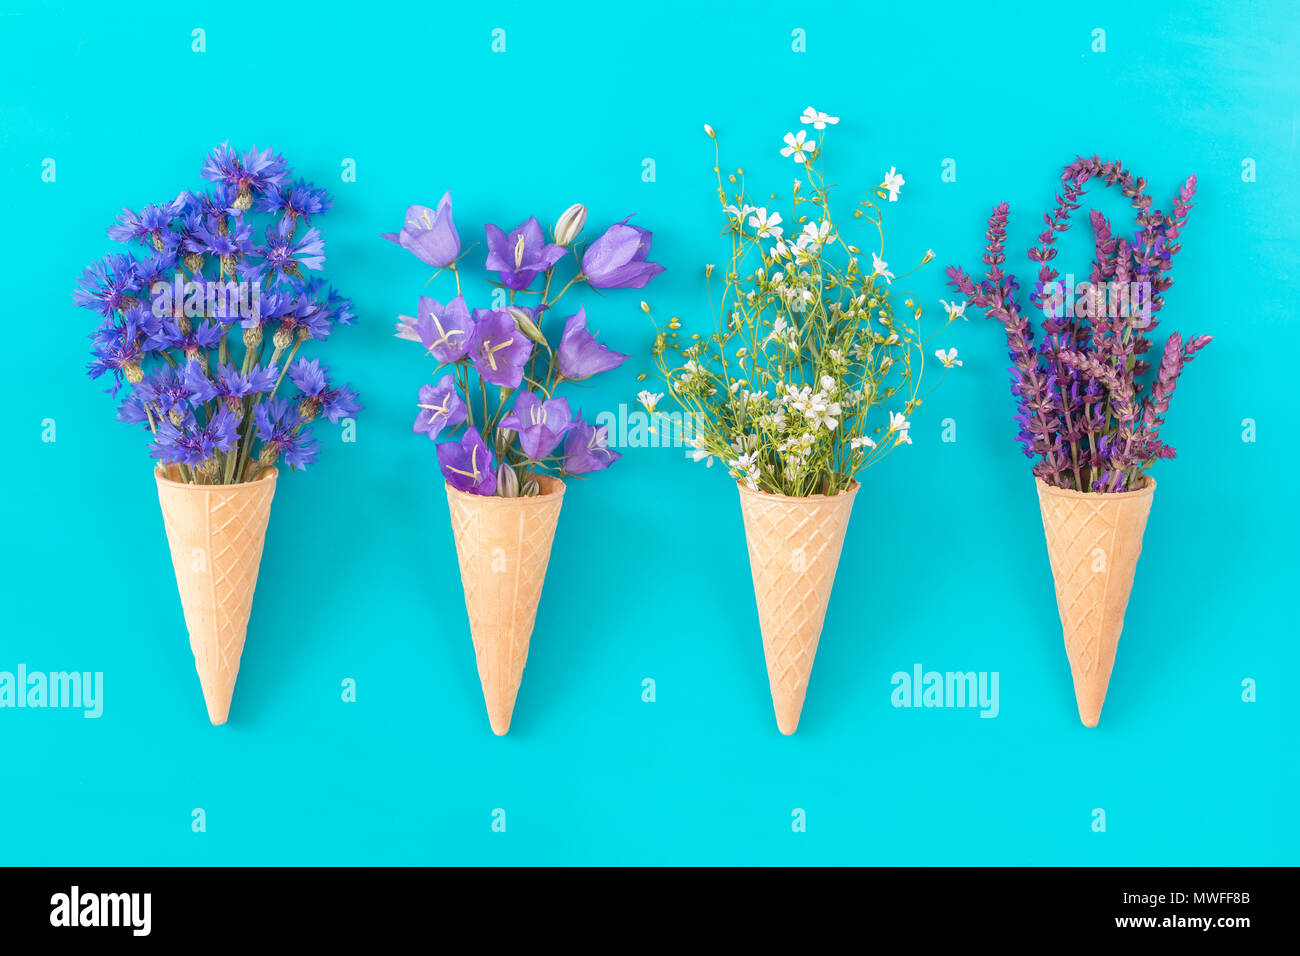 Quattro coni di cialda con timo, Fiordaliso, Blue Bells e fiori bianchi blossom mazzi sulla superficie blu. Appartamento laico, vista dall'alto dello sfondo floreale. Immagini Stock